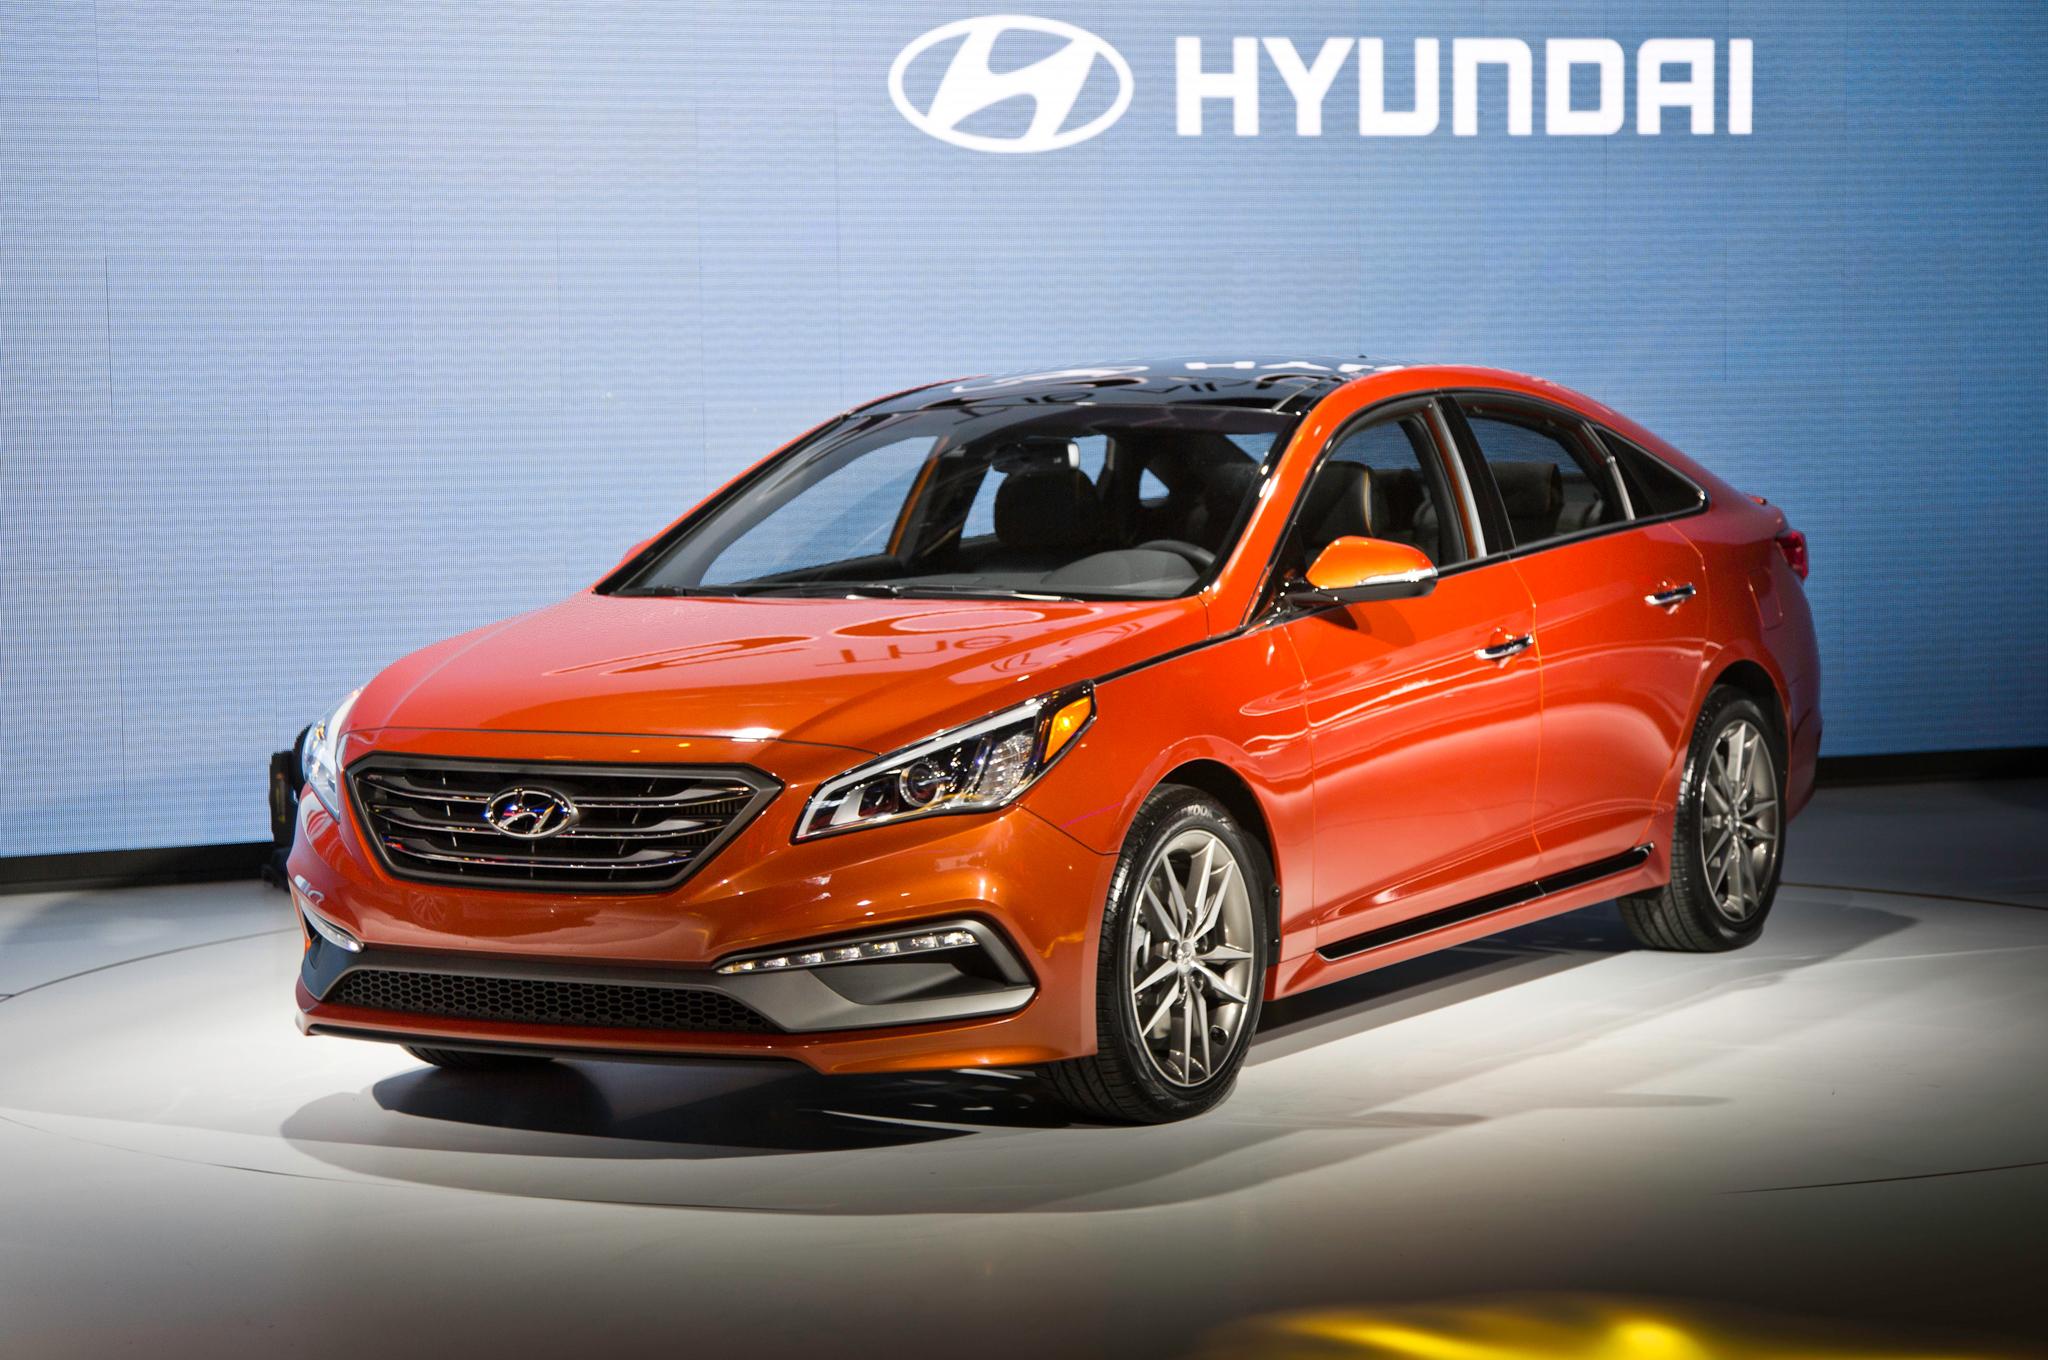 2015 Hyundai Sonata Facelift